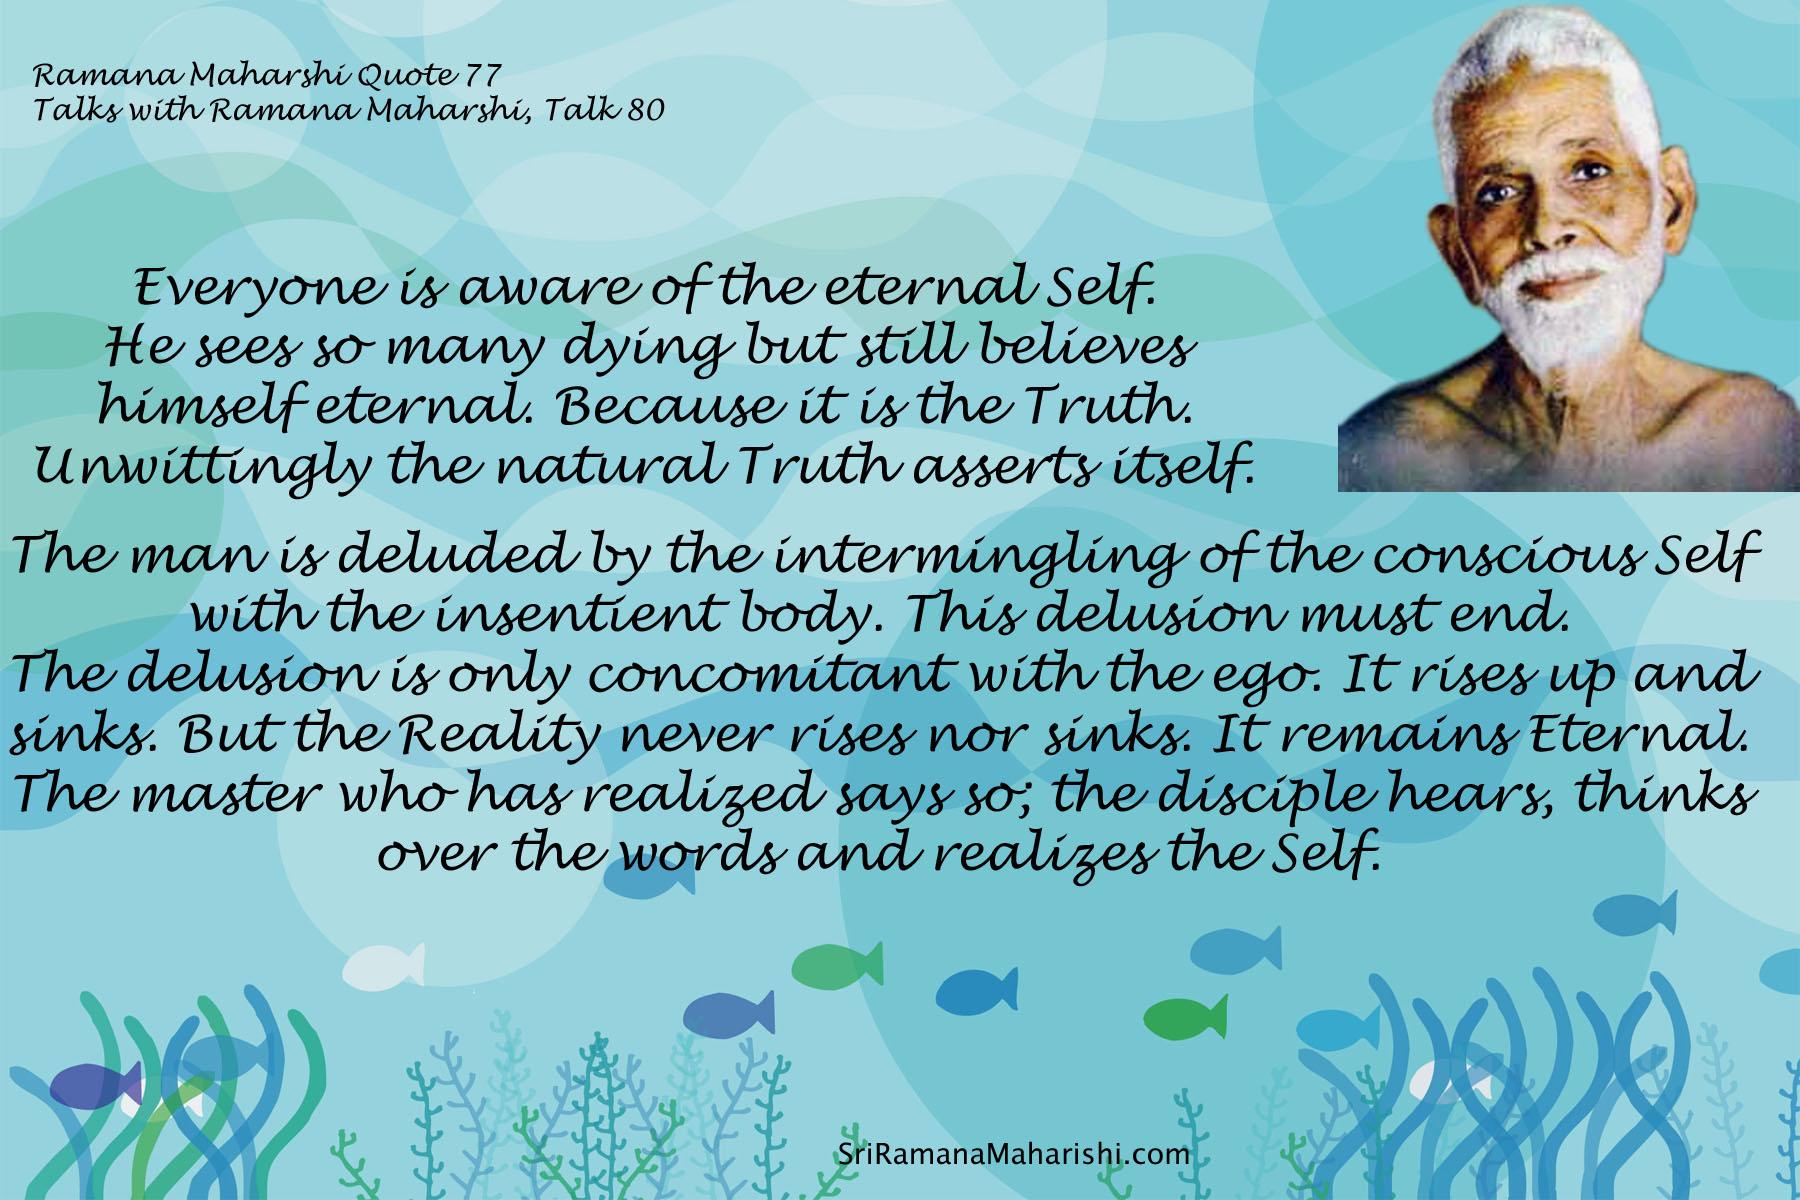 Ramana Maharshi Quote 77